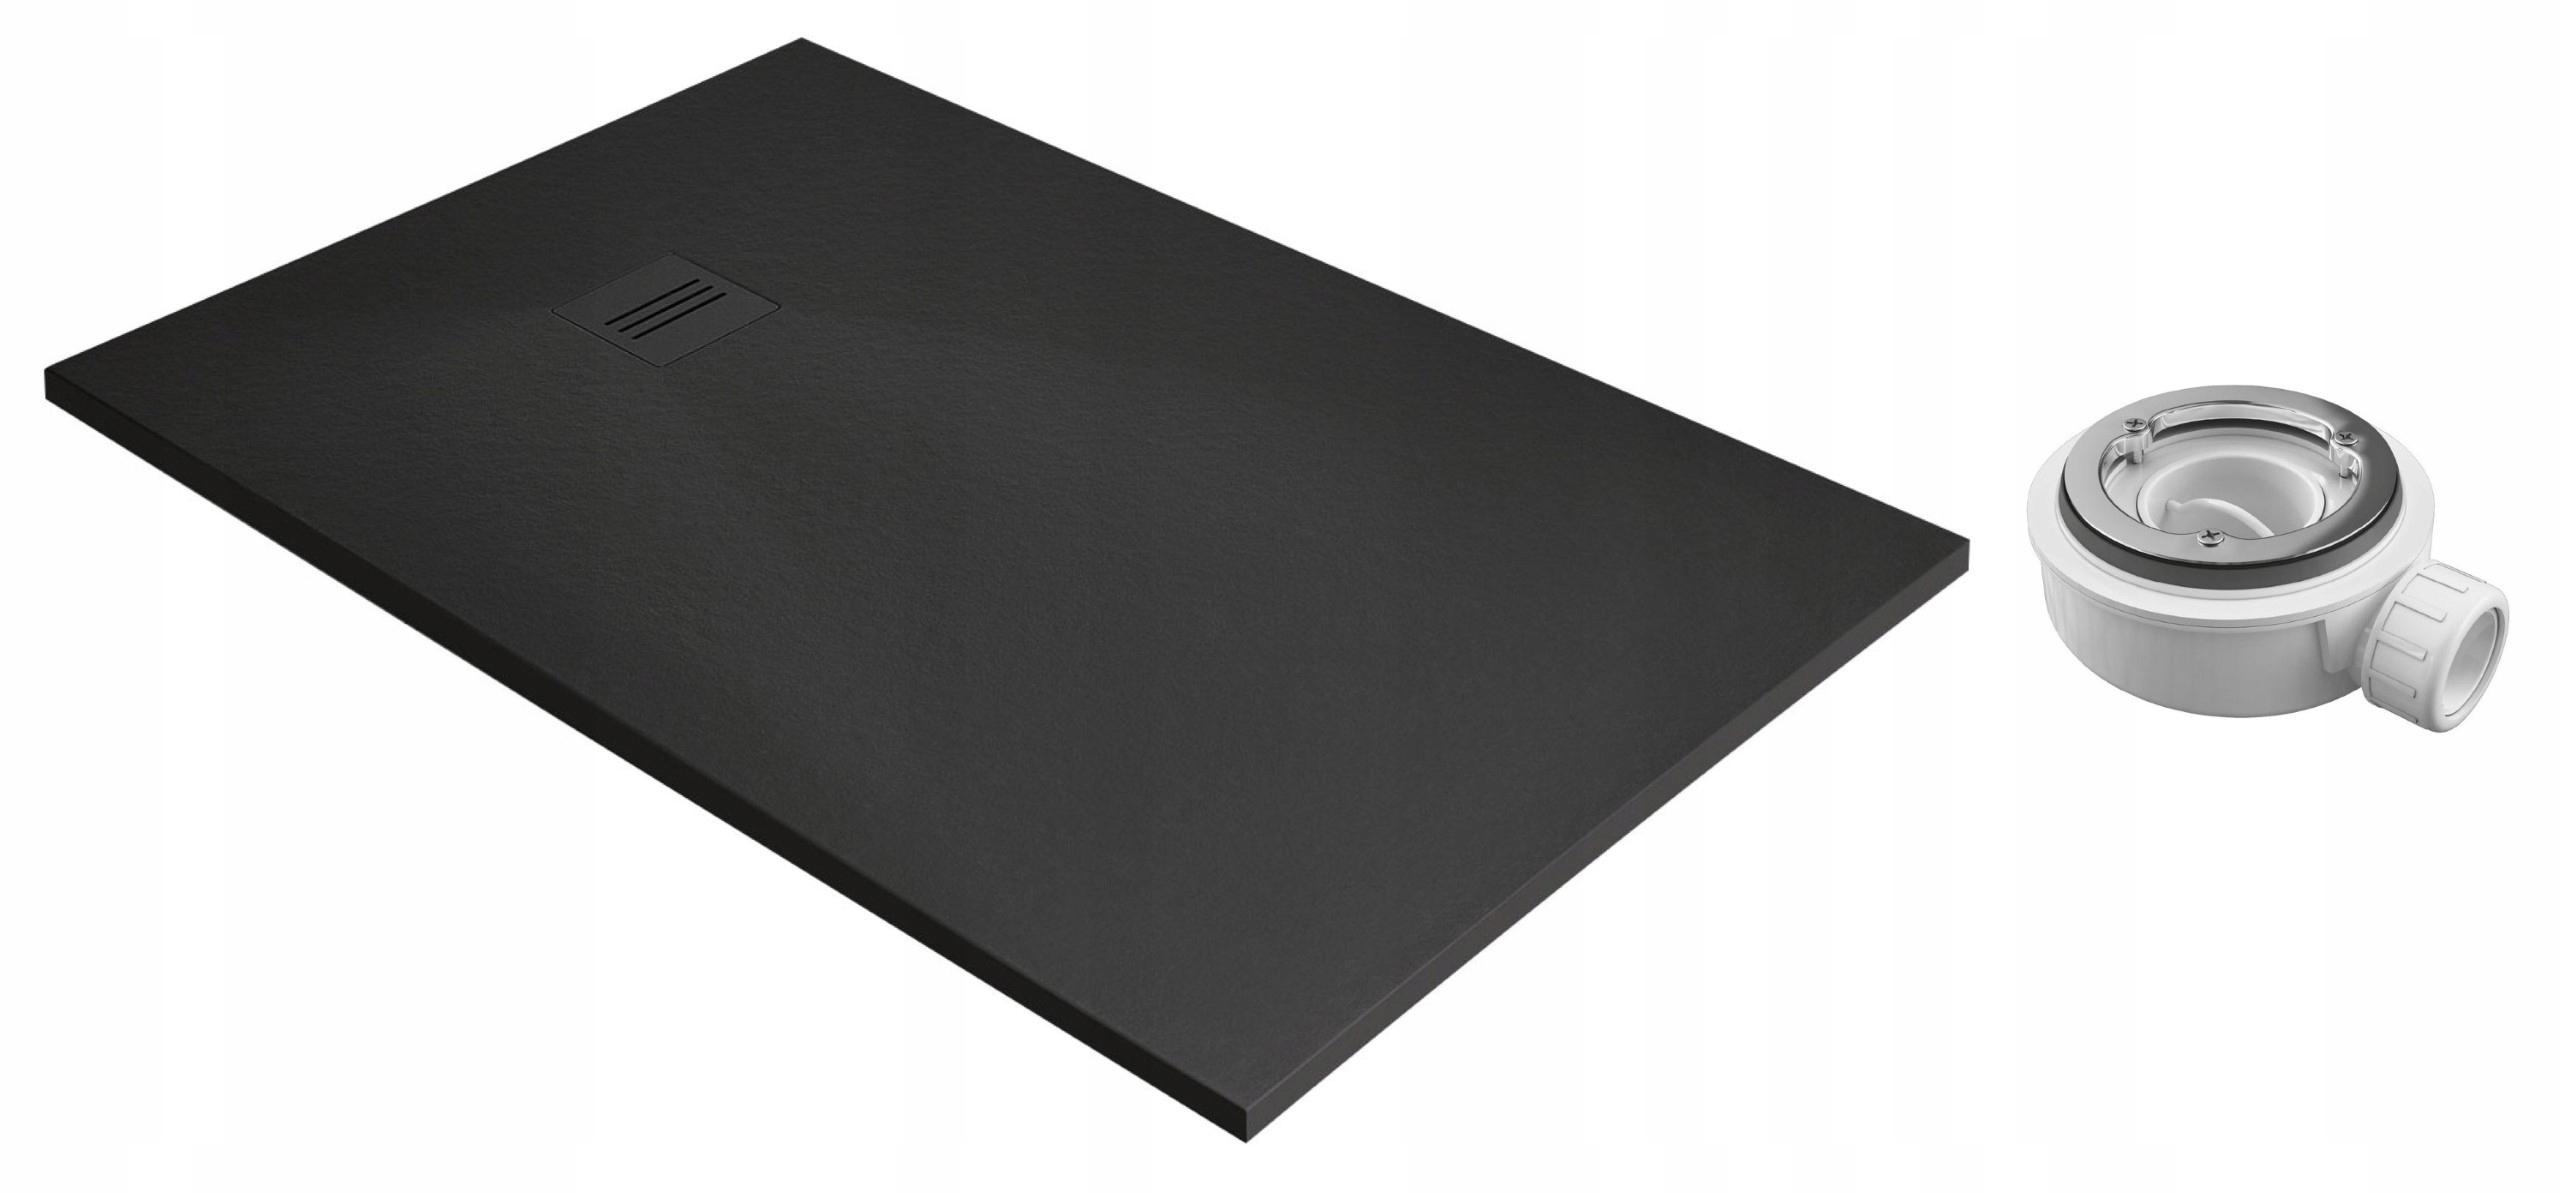 RADAWAY Sprchová vanička Kyntos F čierna 180x70 sifón